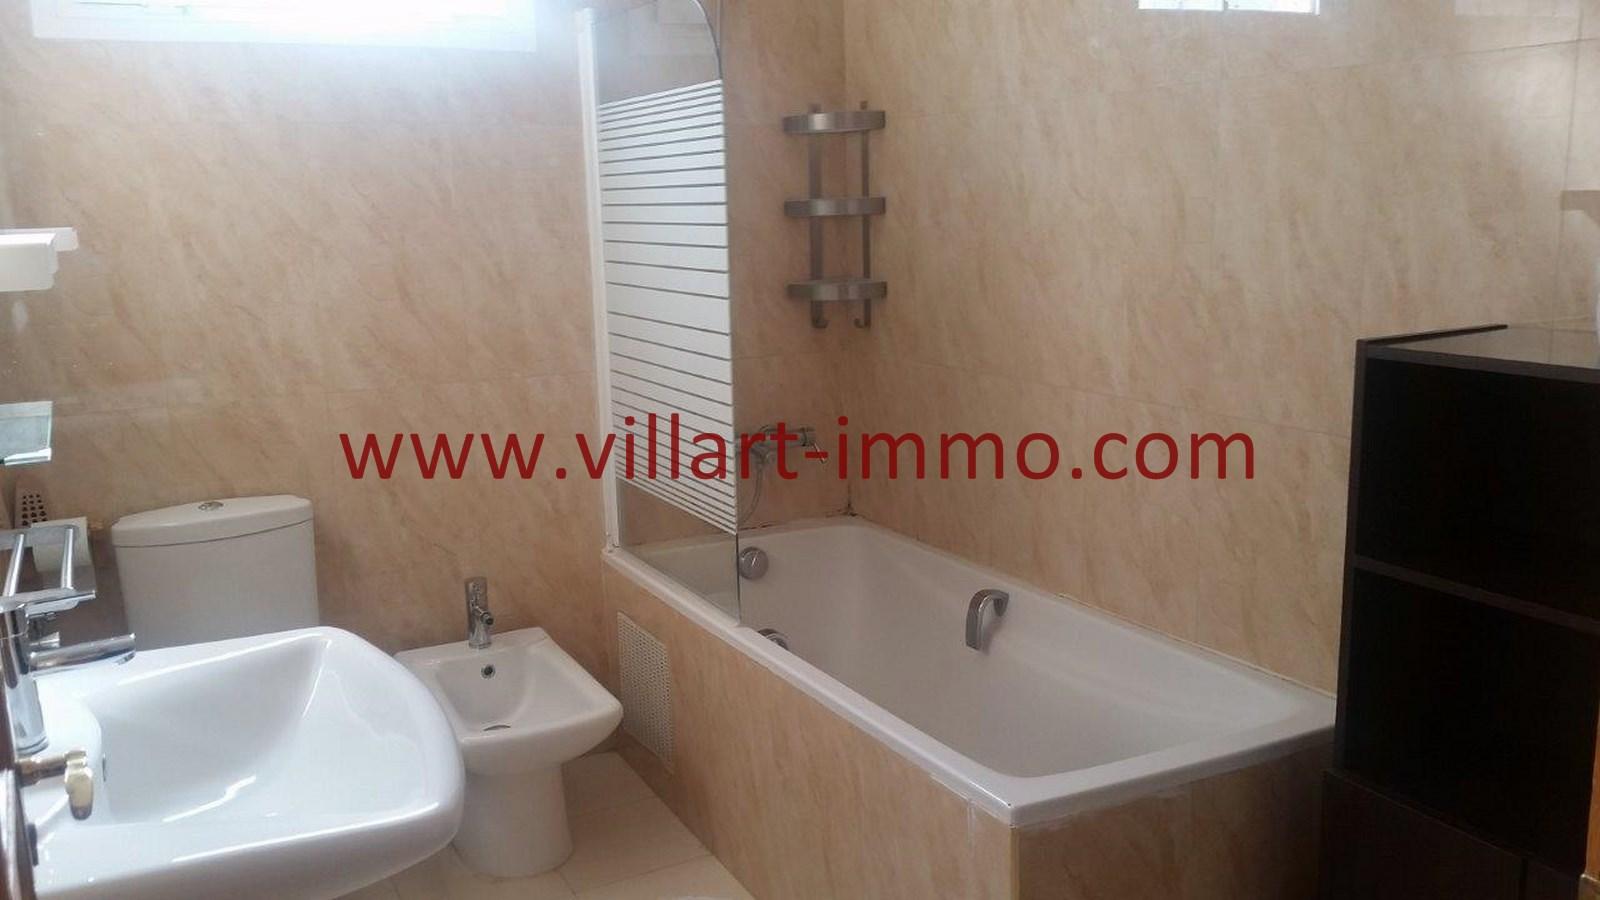 8-A vendre-Appartement-Tanger-Iberia-VA613-Villart immo